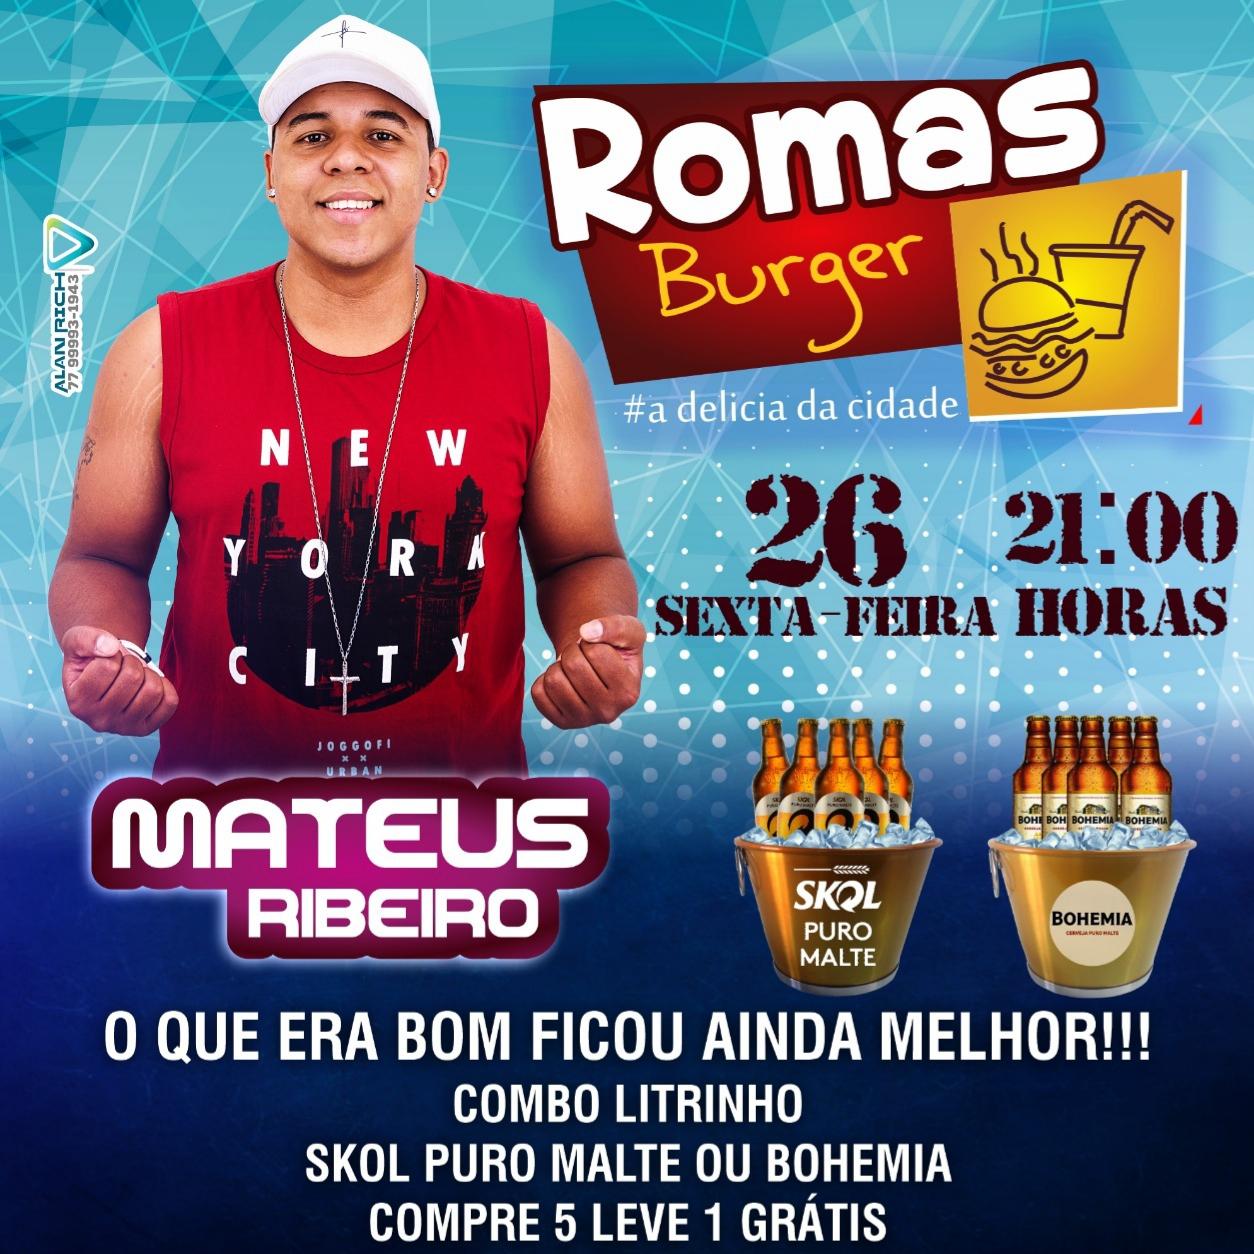 É hoje grande show com Mateus Ribeiro no Romas Burger